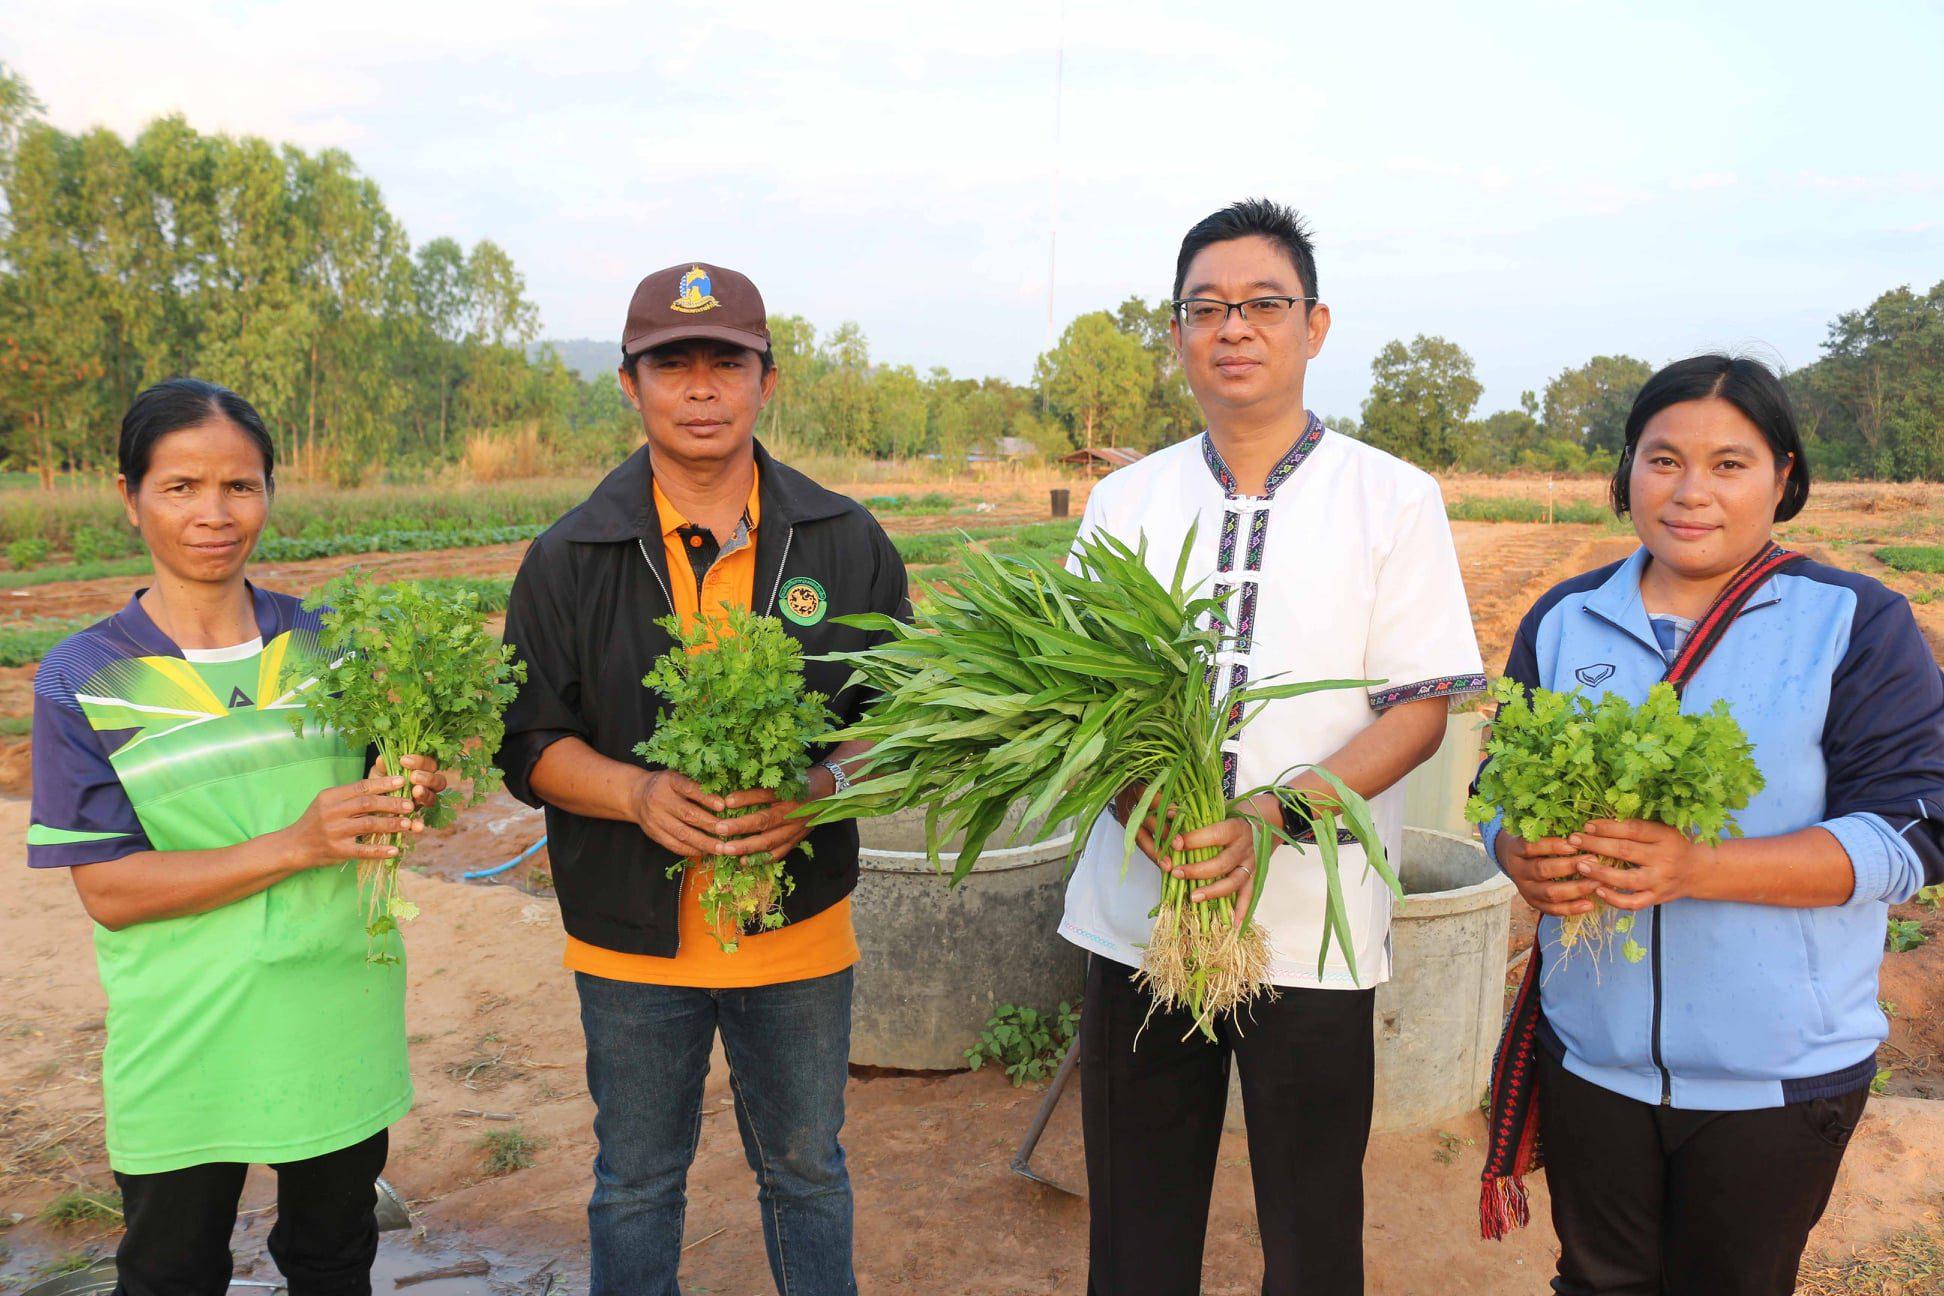 ปิดทองหลังพระฯจ้างคนว่างงาน พัฒนาแหล่งน้ำส่งเสริมอาชีพขยายผลช่วยเกษตรกรพื้นที่แล้งซ้ำซาก เสริมรัฐบาลขับเคลื่อนแผนจัดการน้ำ 20 ปี